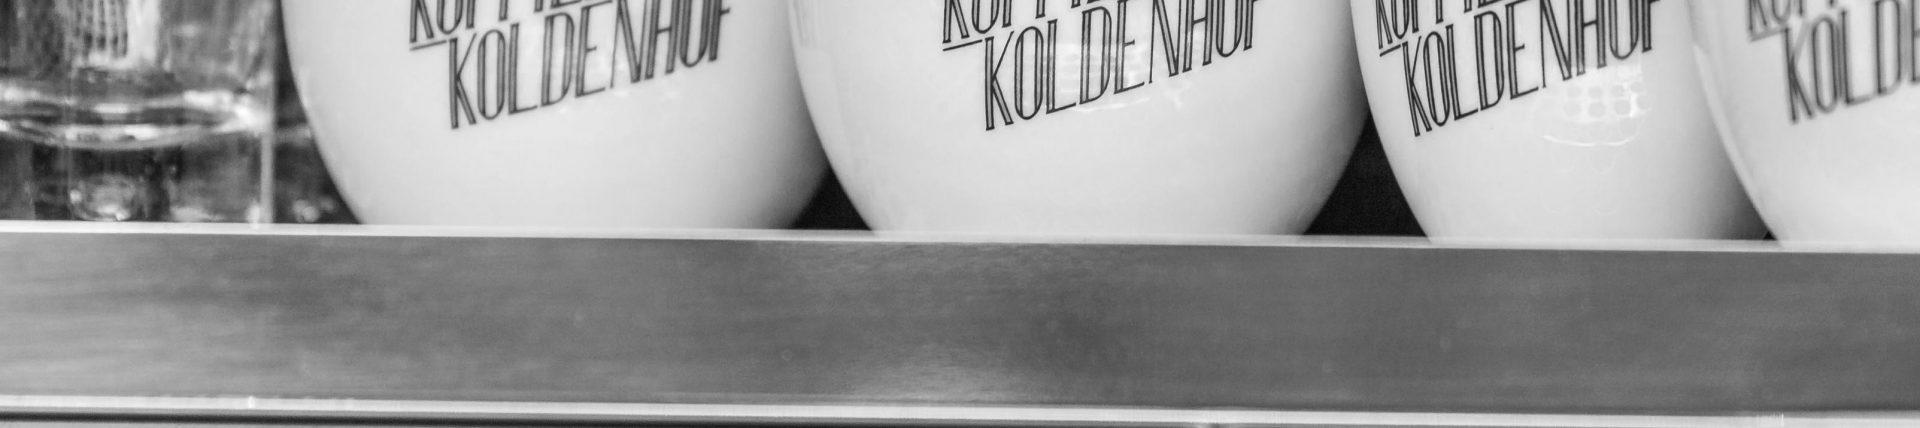 koffie van koldenhof